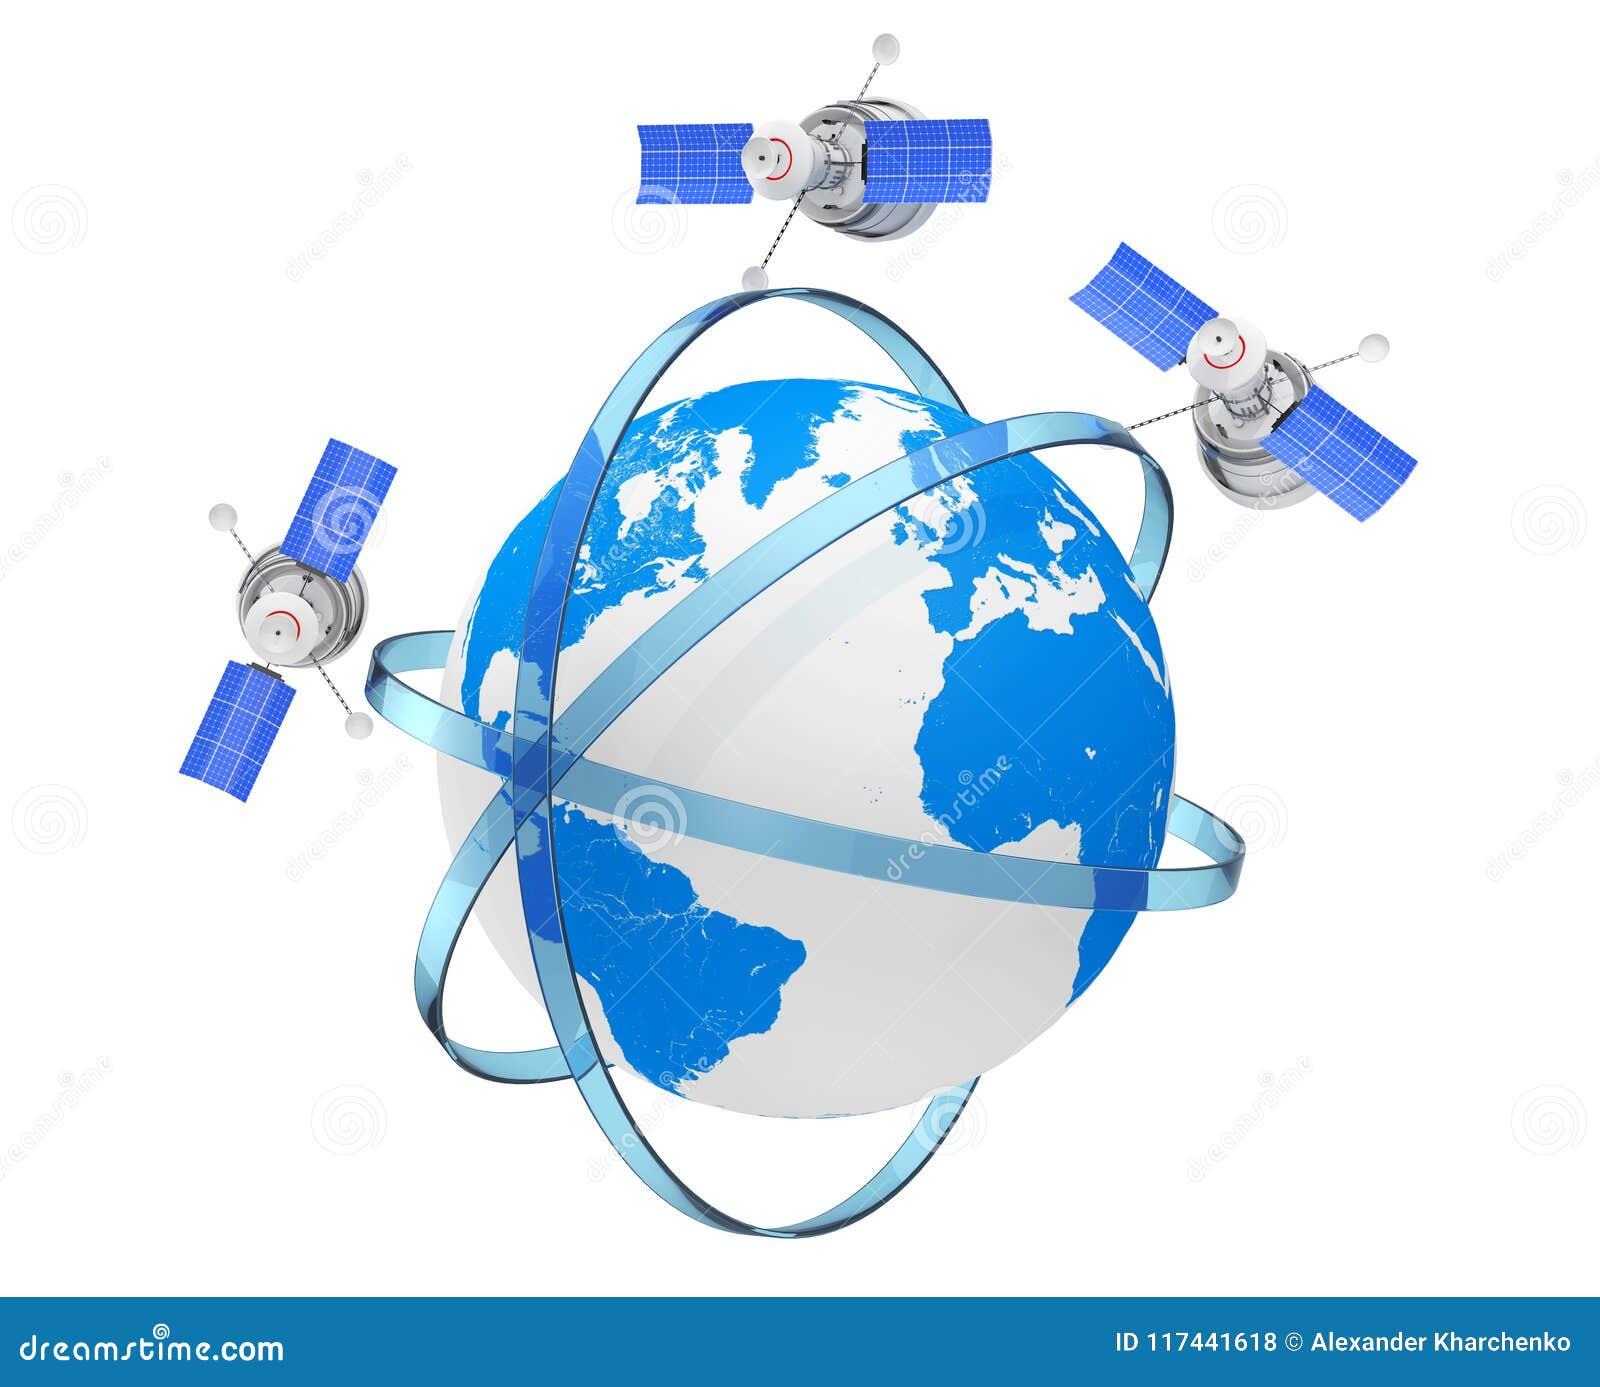 De moderne Satelliet van de Wereld Globale Navigatie in Zonderlinge Banenarou